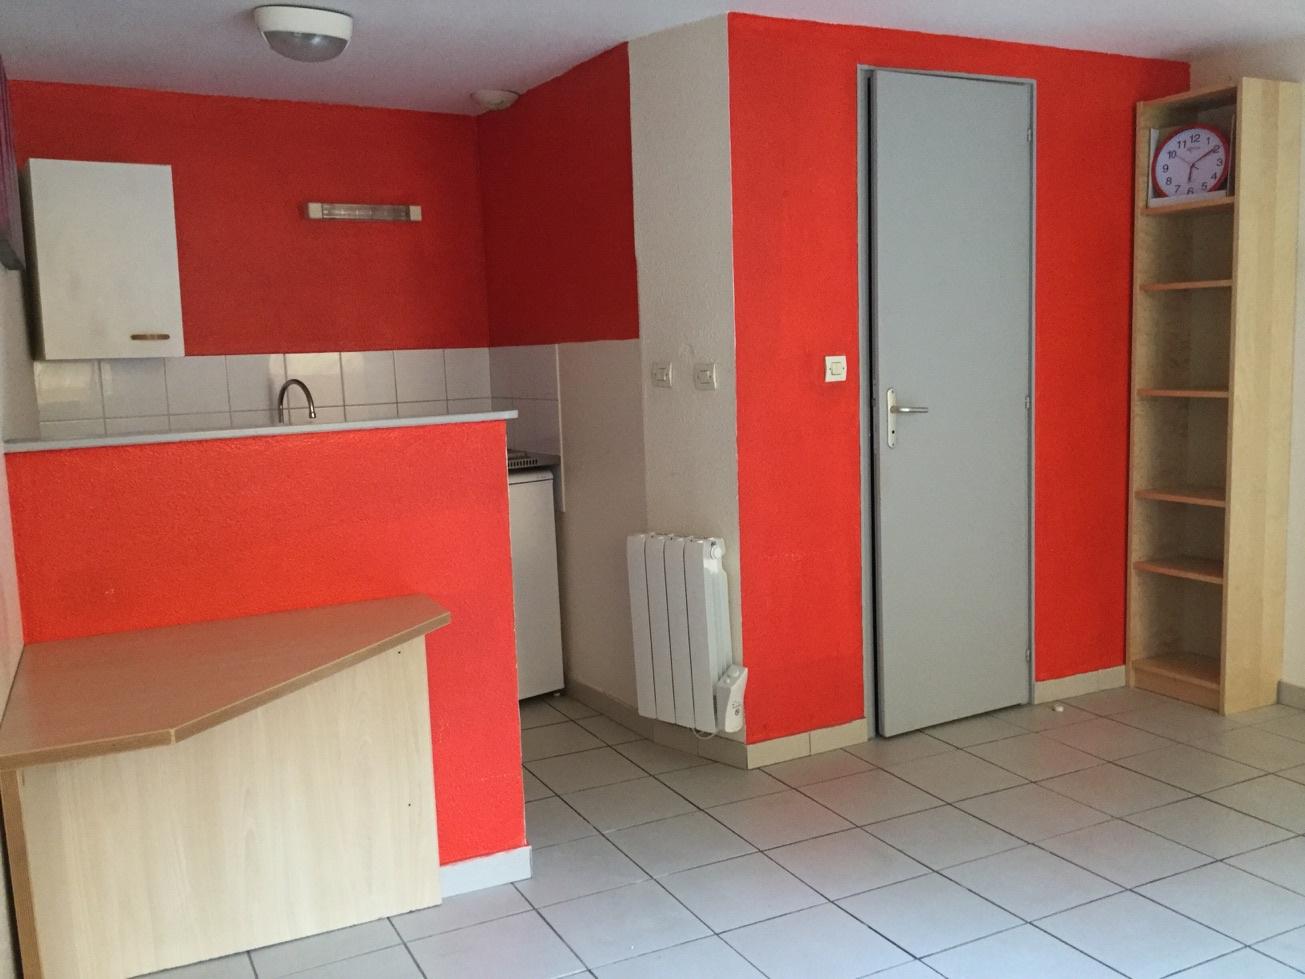 Annonce Location Appartement Lyon 7 18 M 440